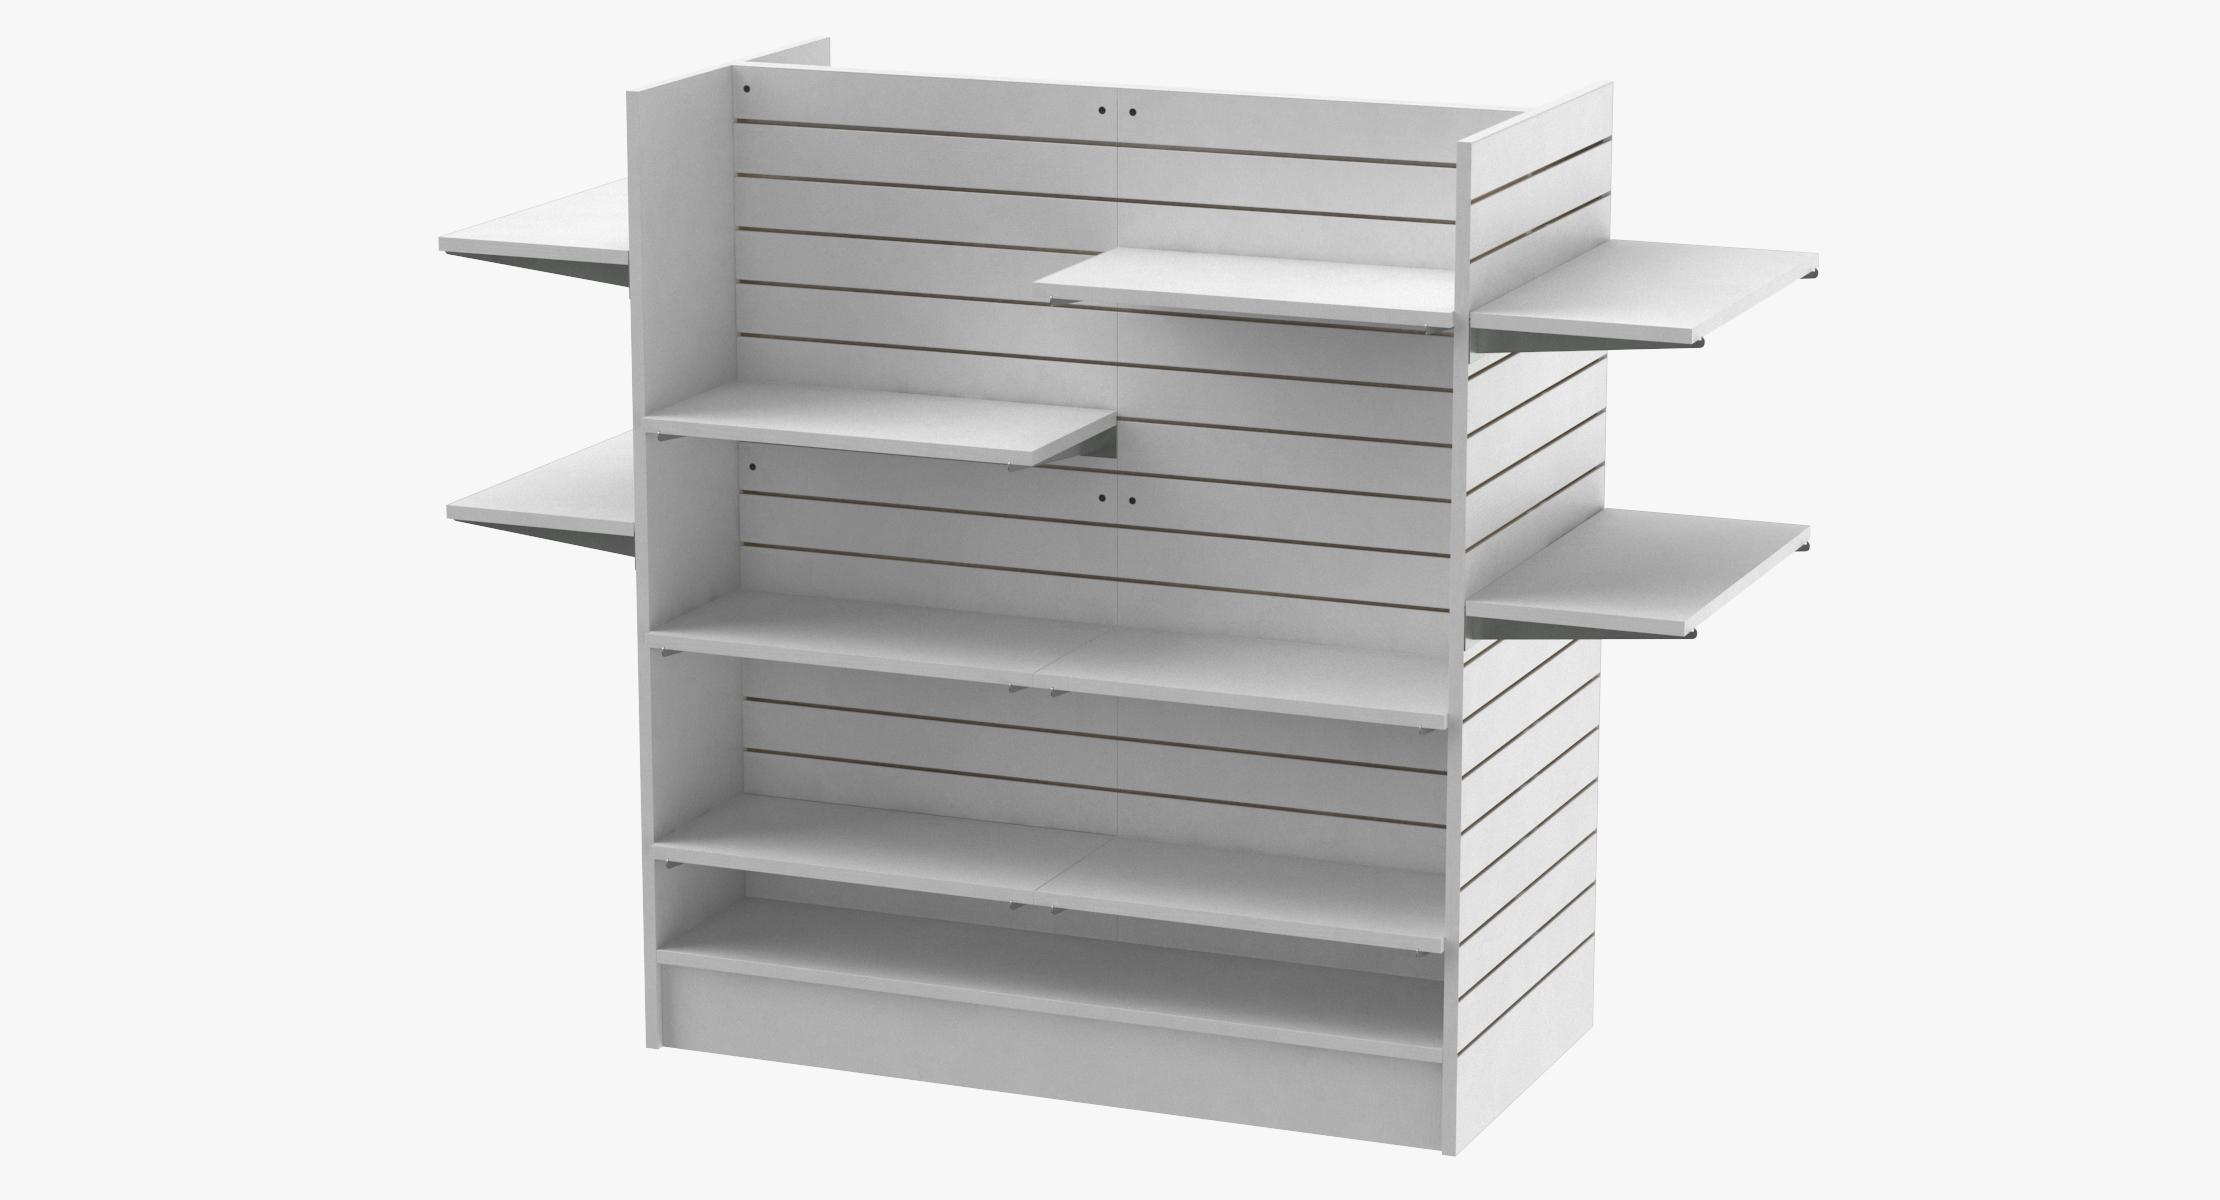 Slat Wall Gondolas And Shelves 03 02